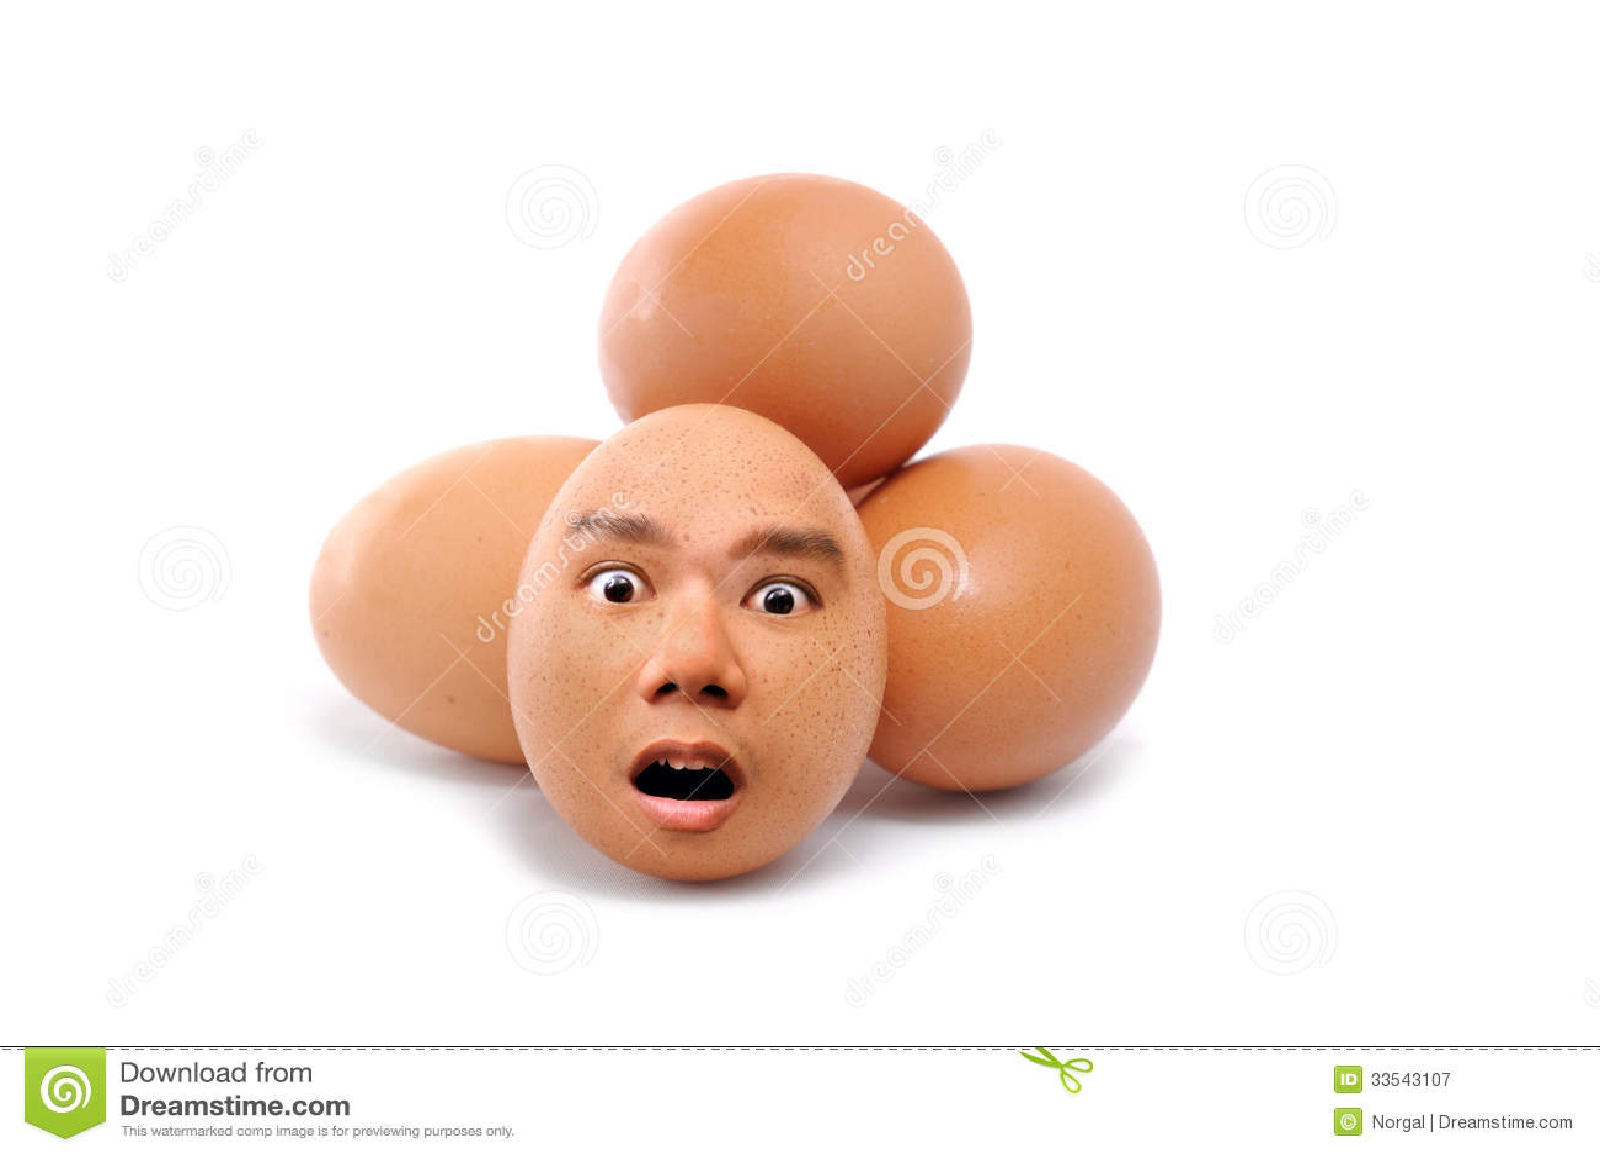 Сосет вместе с яйцами, Жена делая минет заглотнула член вместе с яйцами 26 фотография